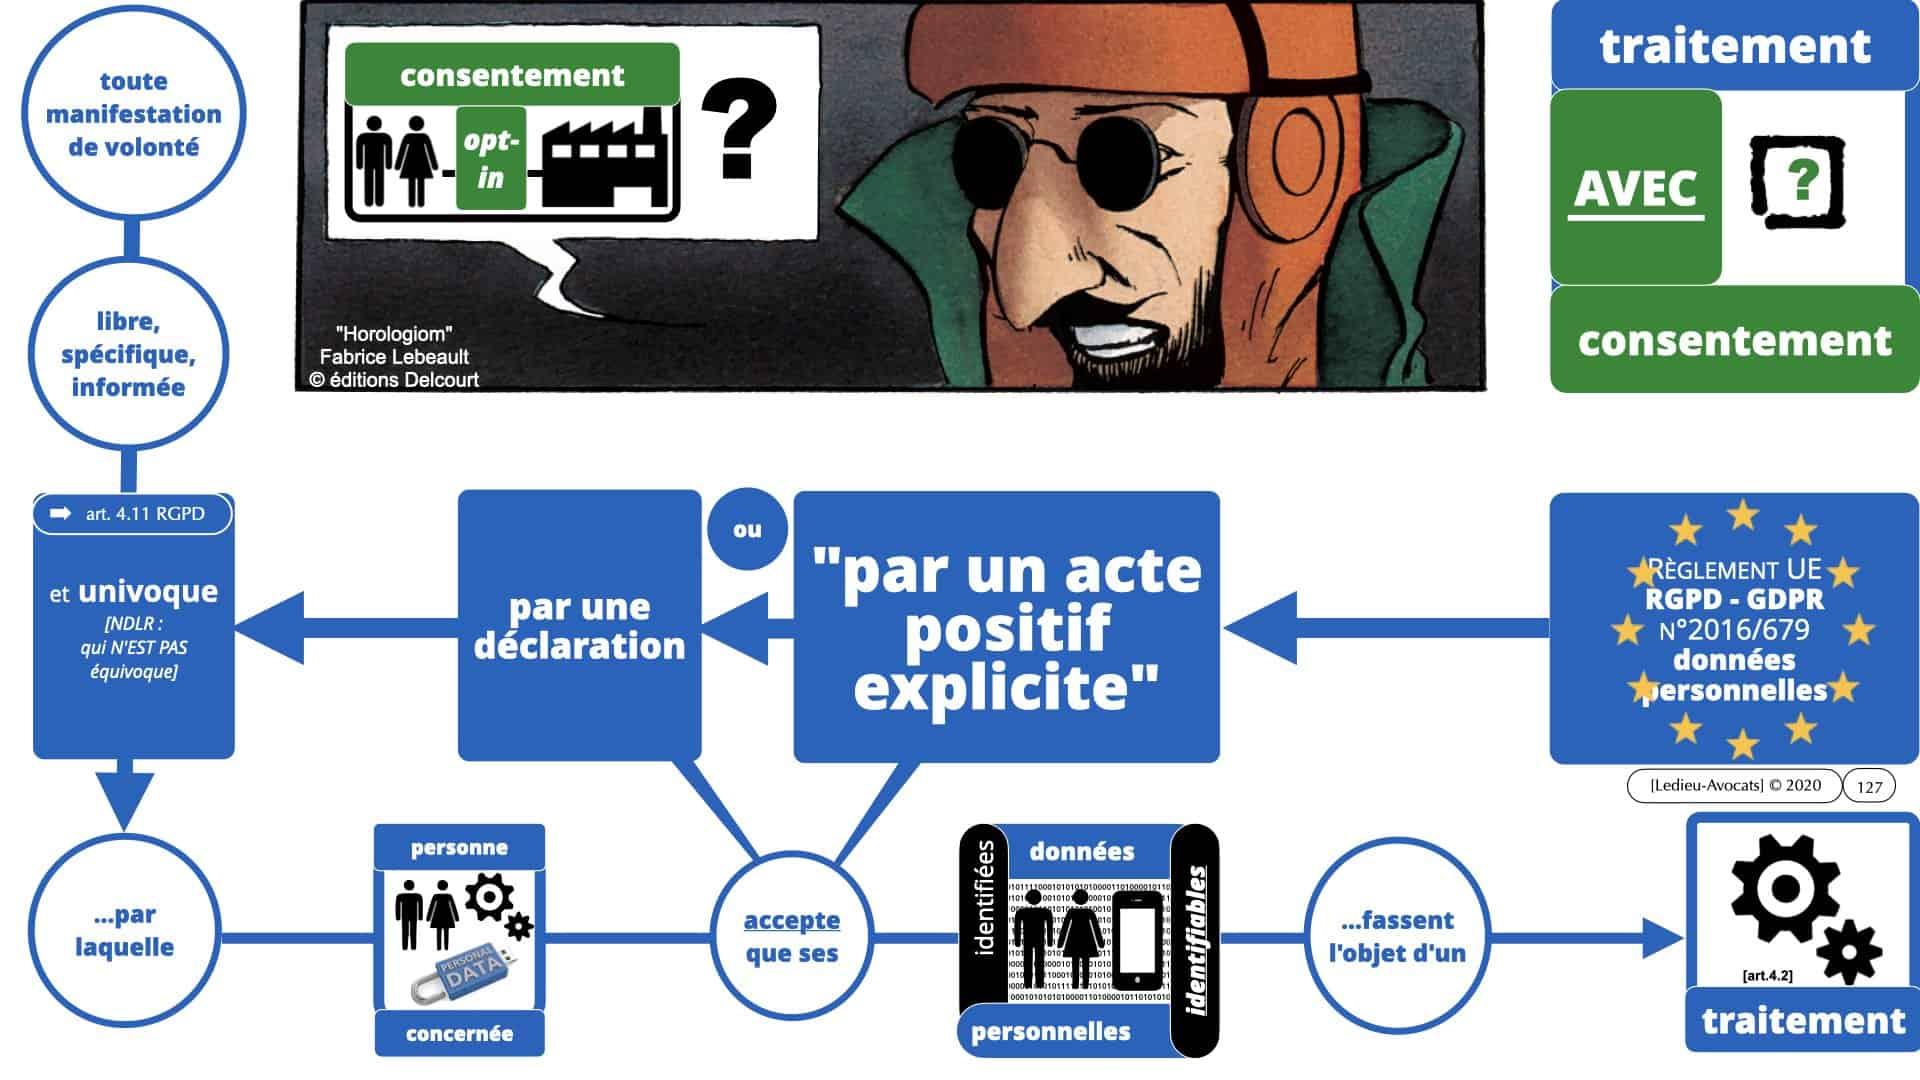 RGPD e-Privacy données personnelles jurisprudence formation Lamy Les Echos 10-02-2021 ©Ledieu-Avocats.127